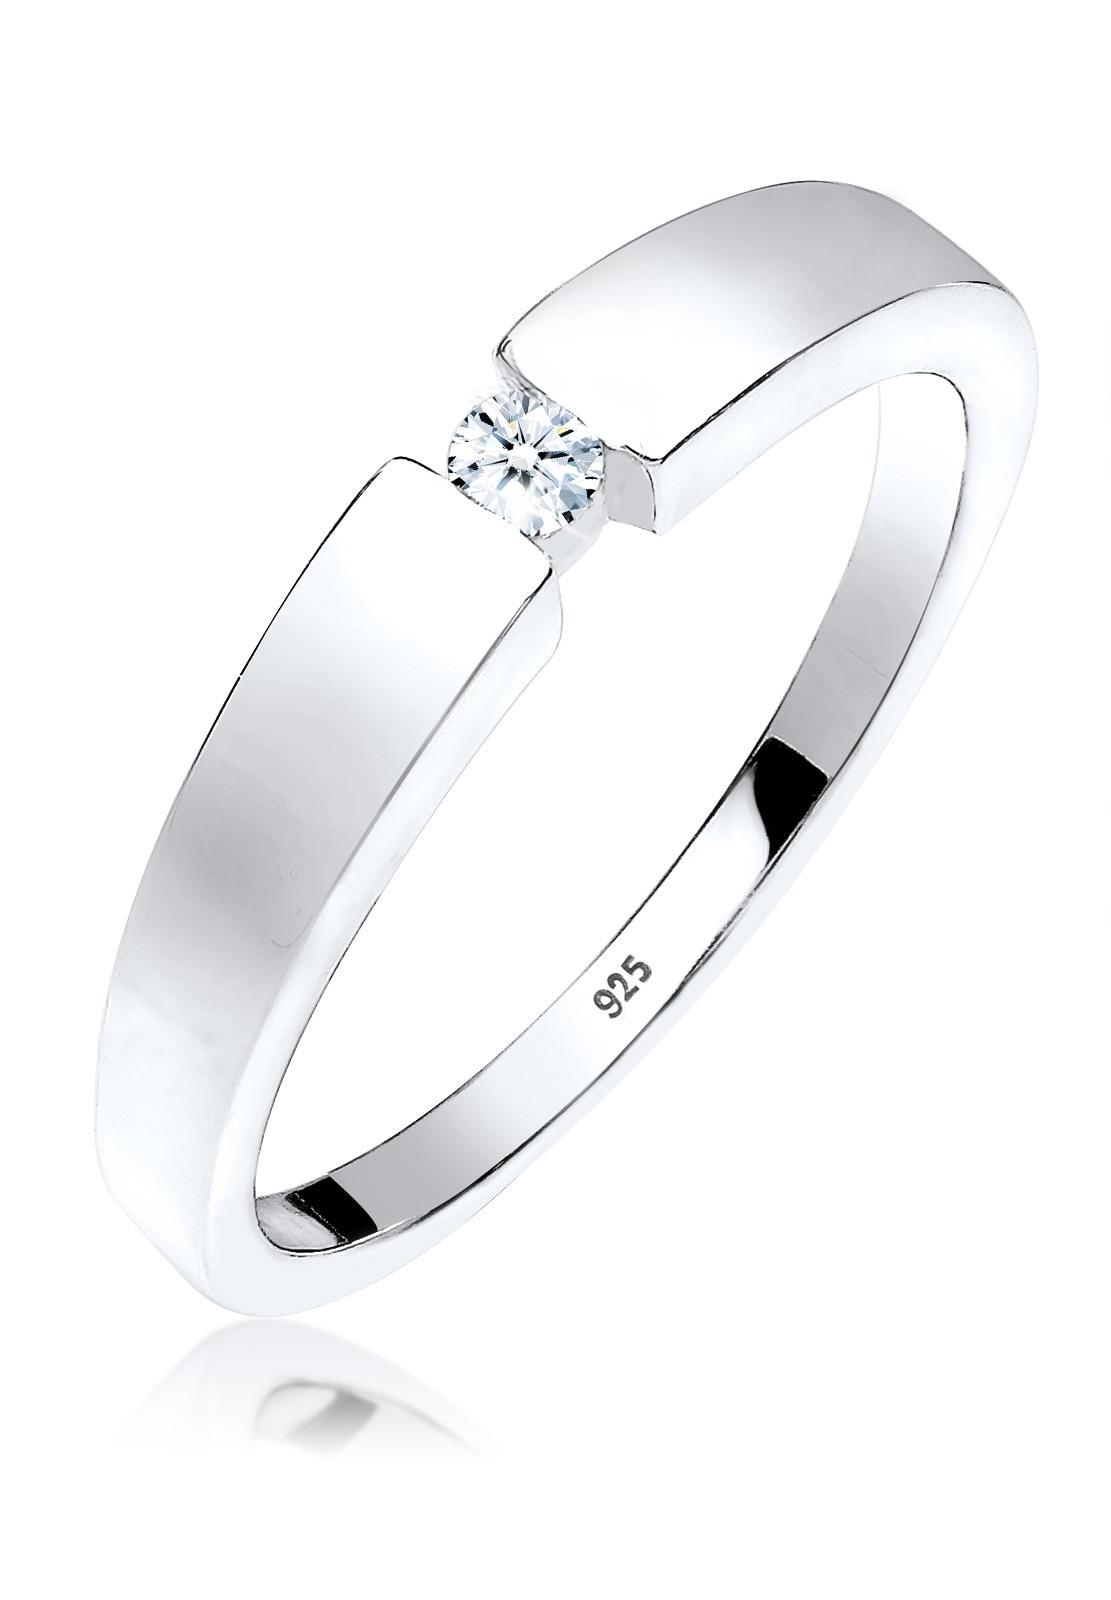 Elli Diamantring Klassisch Bandring Diamant 006 ct 925 Silber   Schmuck > Ringe > Diamantringe   Weiß   Elli